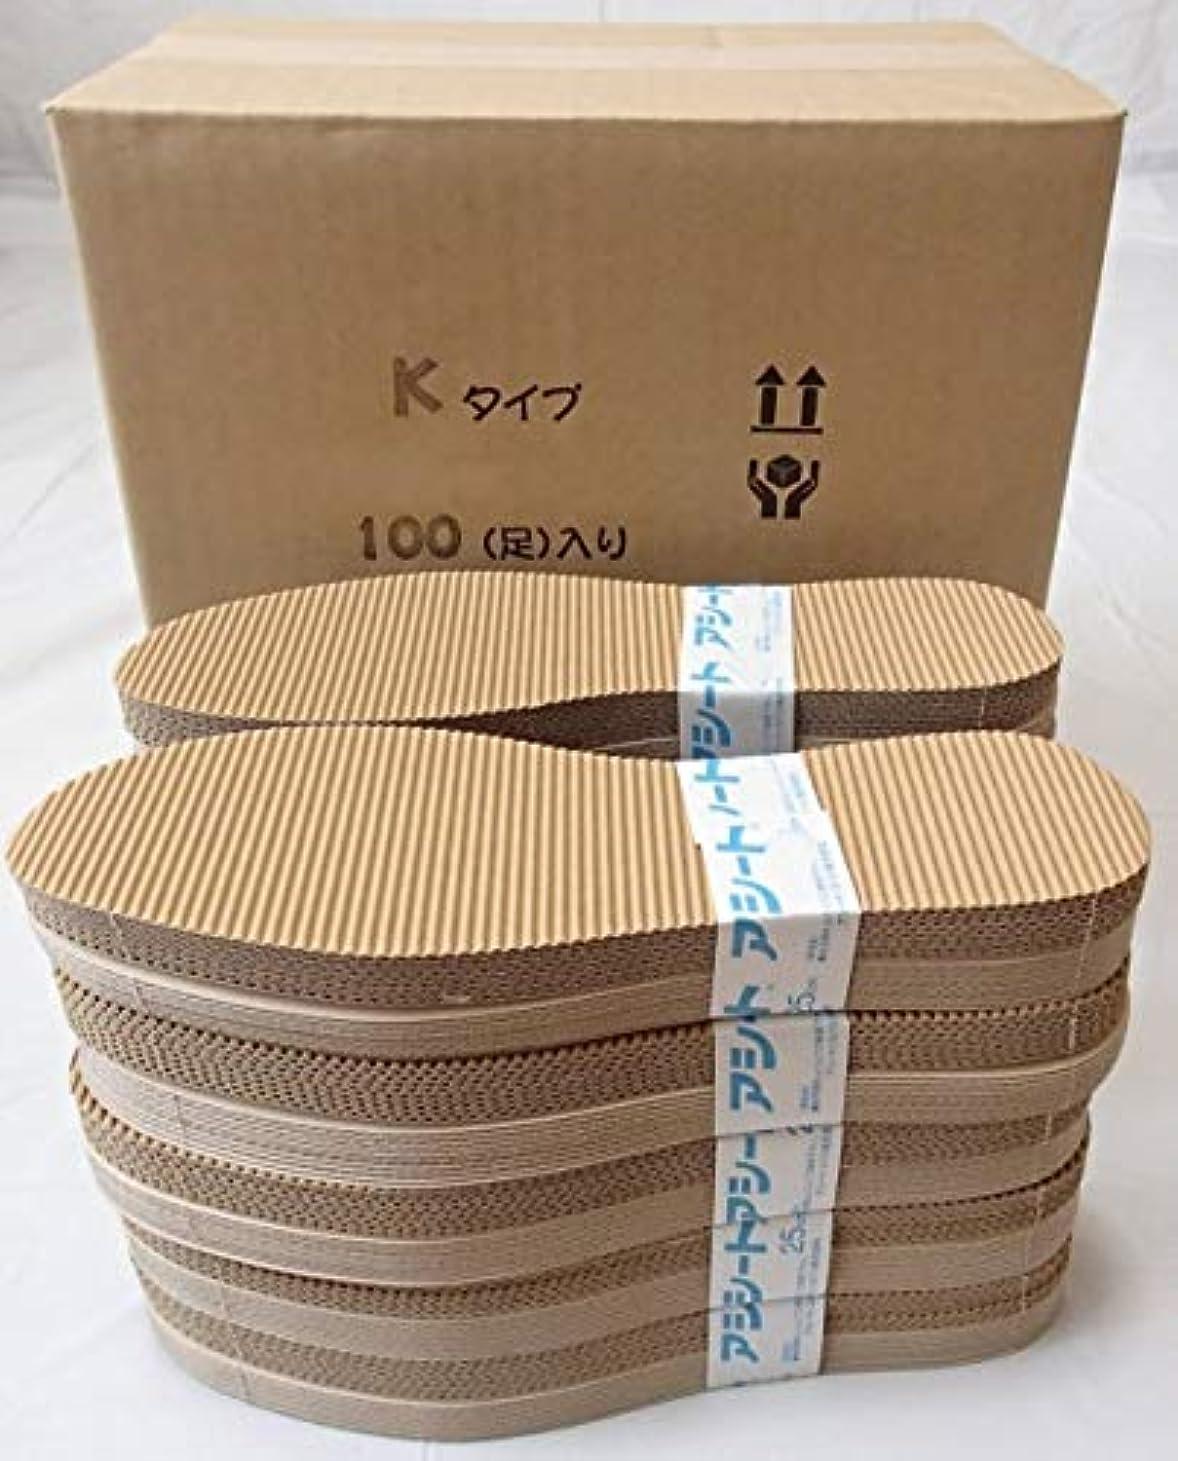 大脳実験室モットーアシートKタイプお得用パック100足入り (27.5~28.0cm)